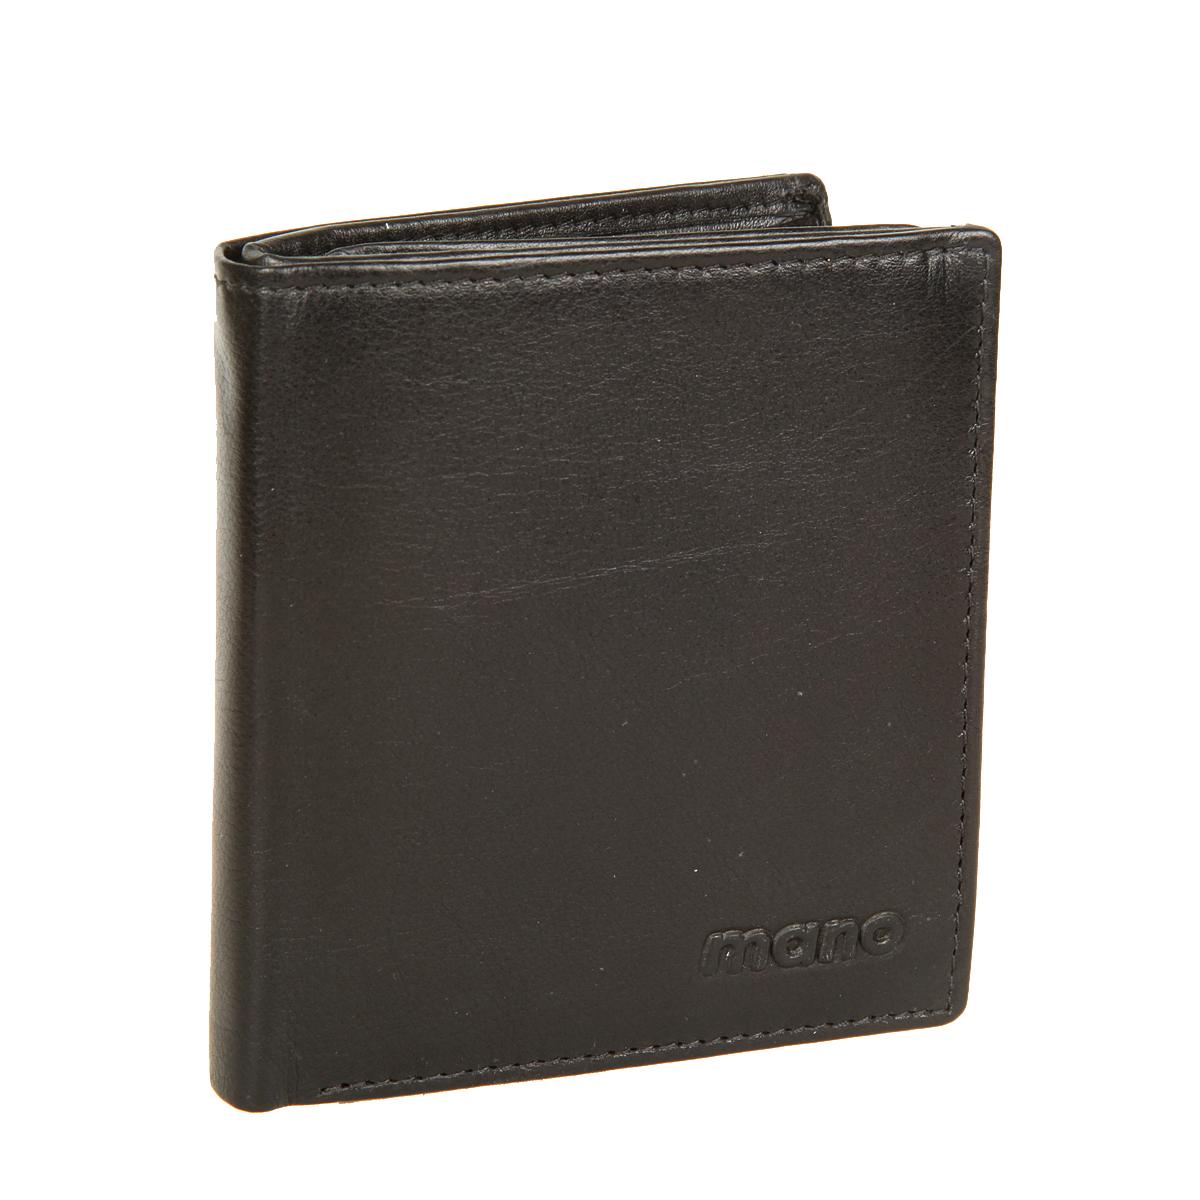 Портмоне мужское Mano, цвет: черный. 1830611379793-GRNКомпактное мужское портмоне Mano изготовлено из натуральной кожи, оформлено тиснением с символикой бренда.Изделие раскладывается пополам, внутри расположены два отделения для купюр, сетчатый карман, потайной карман на молнии, шесть прорезных карманов для пластиковых карт, кармашек для мелких документов и отделение для монет, закрывающееся клапаном на кнопку. Изделие поставляется в фирменной упаковке.Такое практичное портмоне станет отличным подарком для человека, ценящего качественные и необычные вещи.